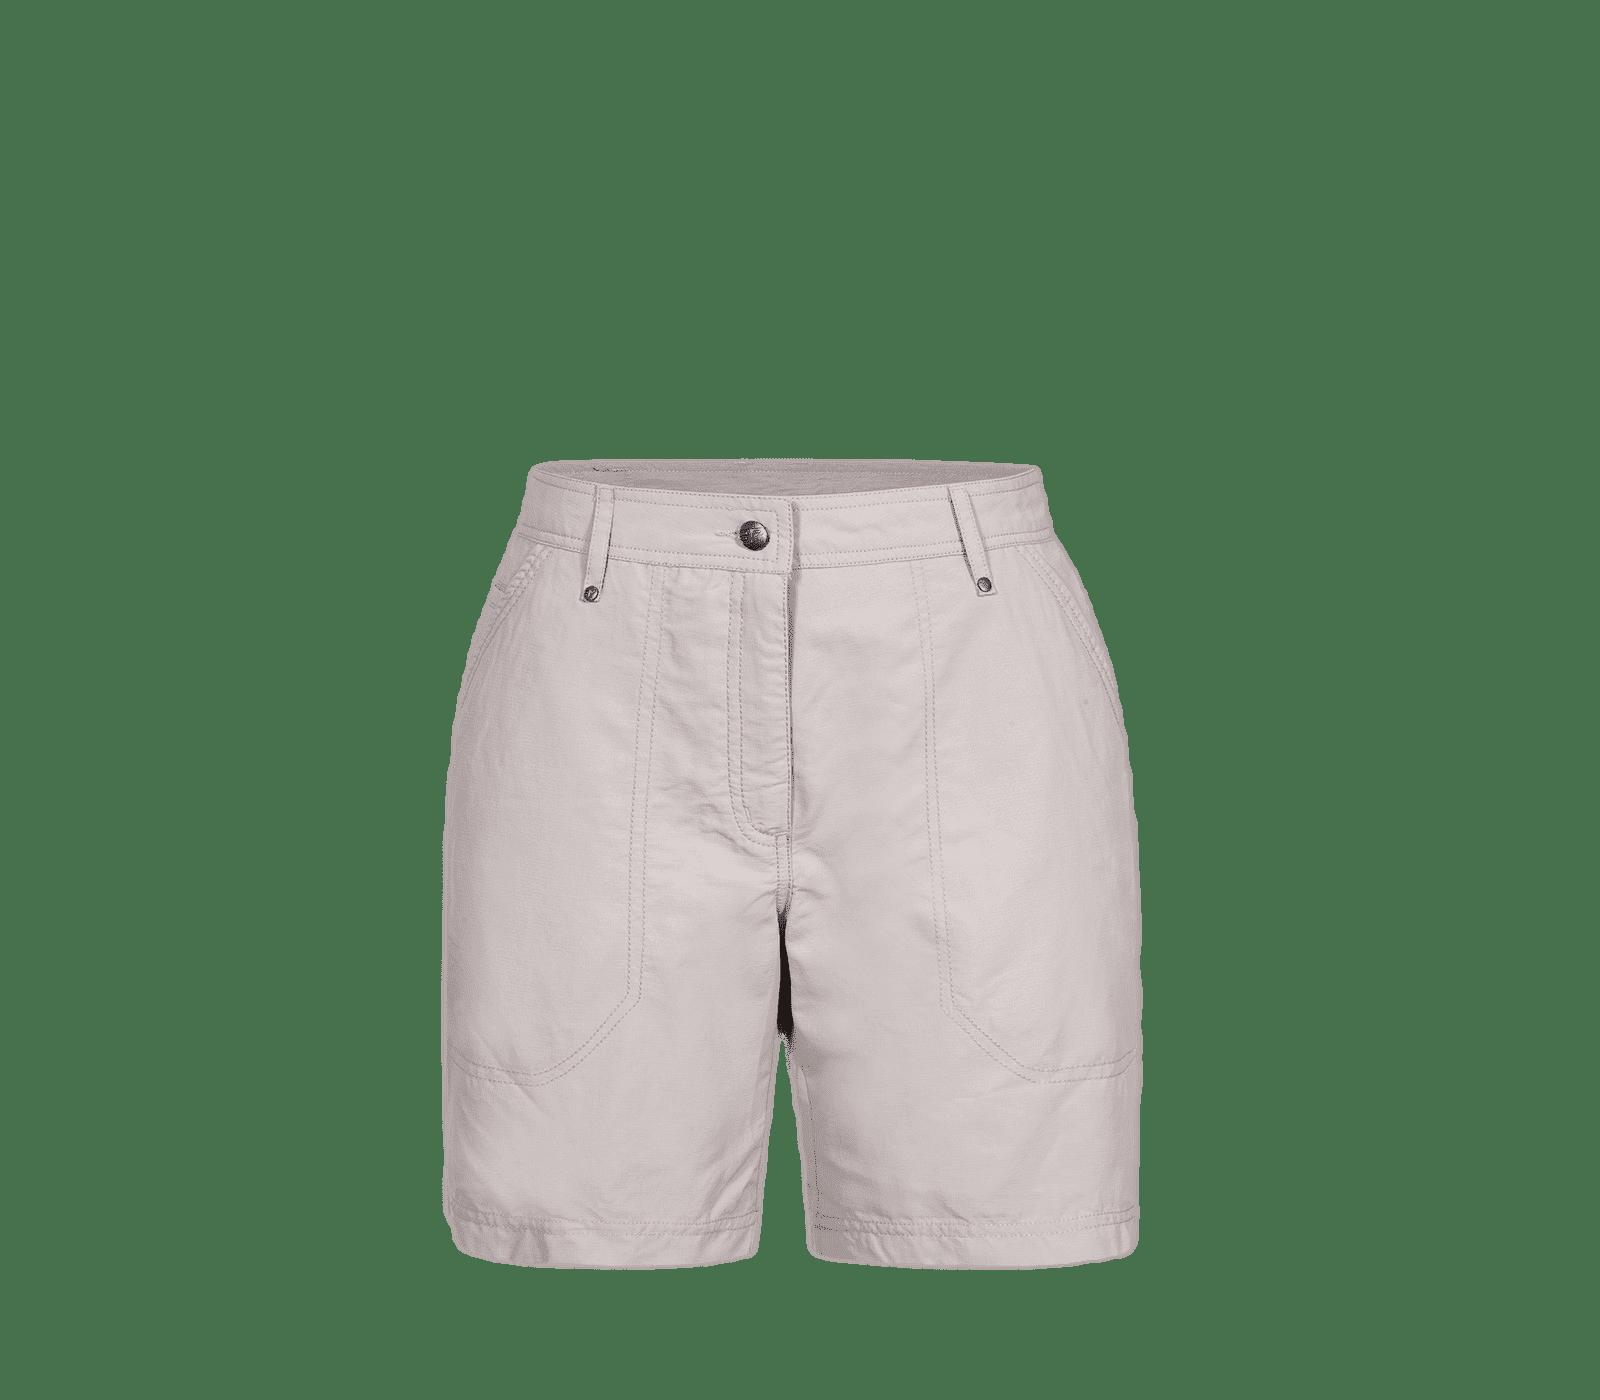 Short lilja